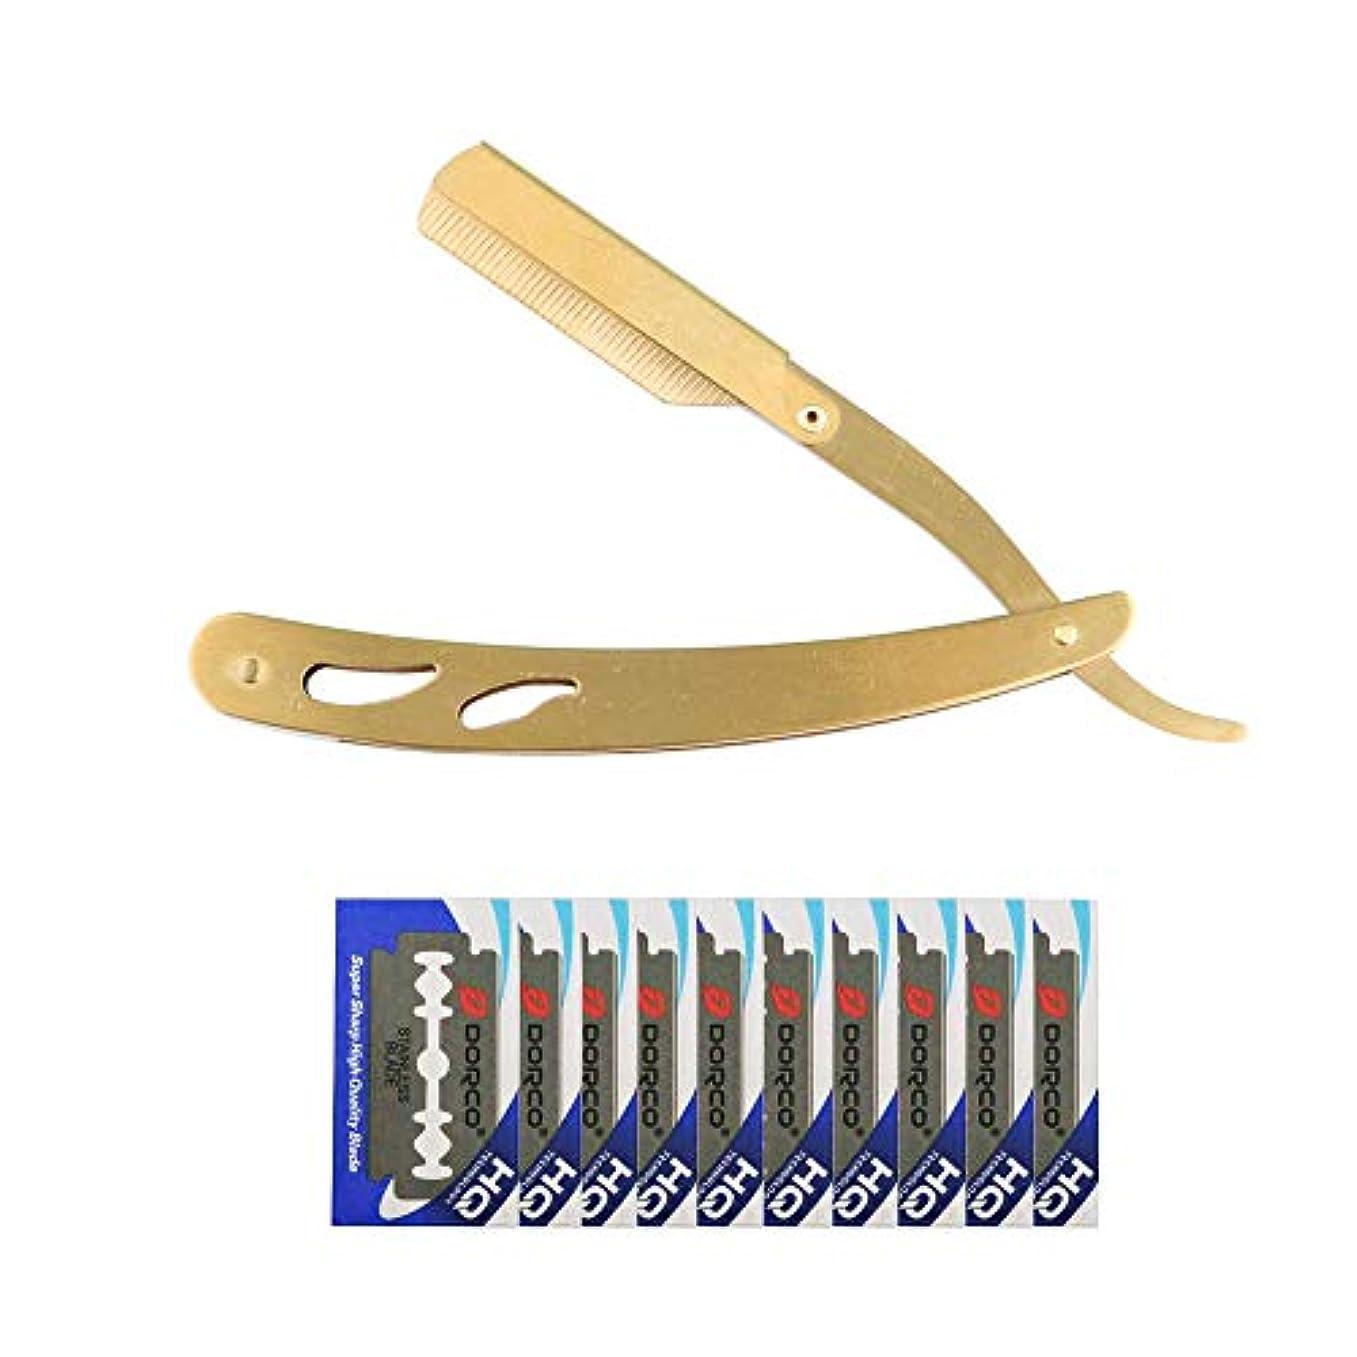 小包爆発物欠乏KINYOOO メンズシェービングカミソリ、折り畳かみそり、理容かみそり毛スキ附属 替刃10枚付(分割20枚分)